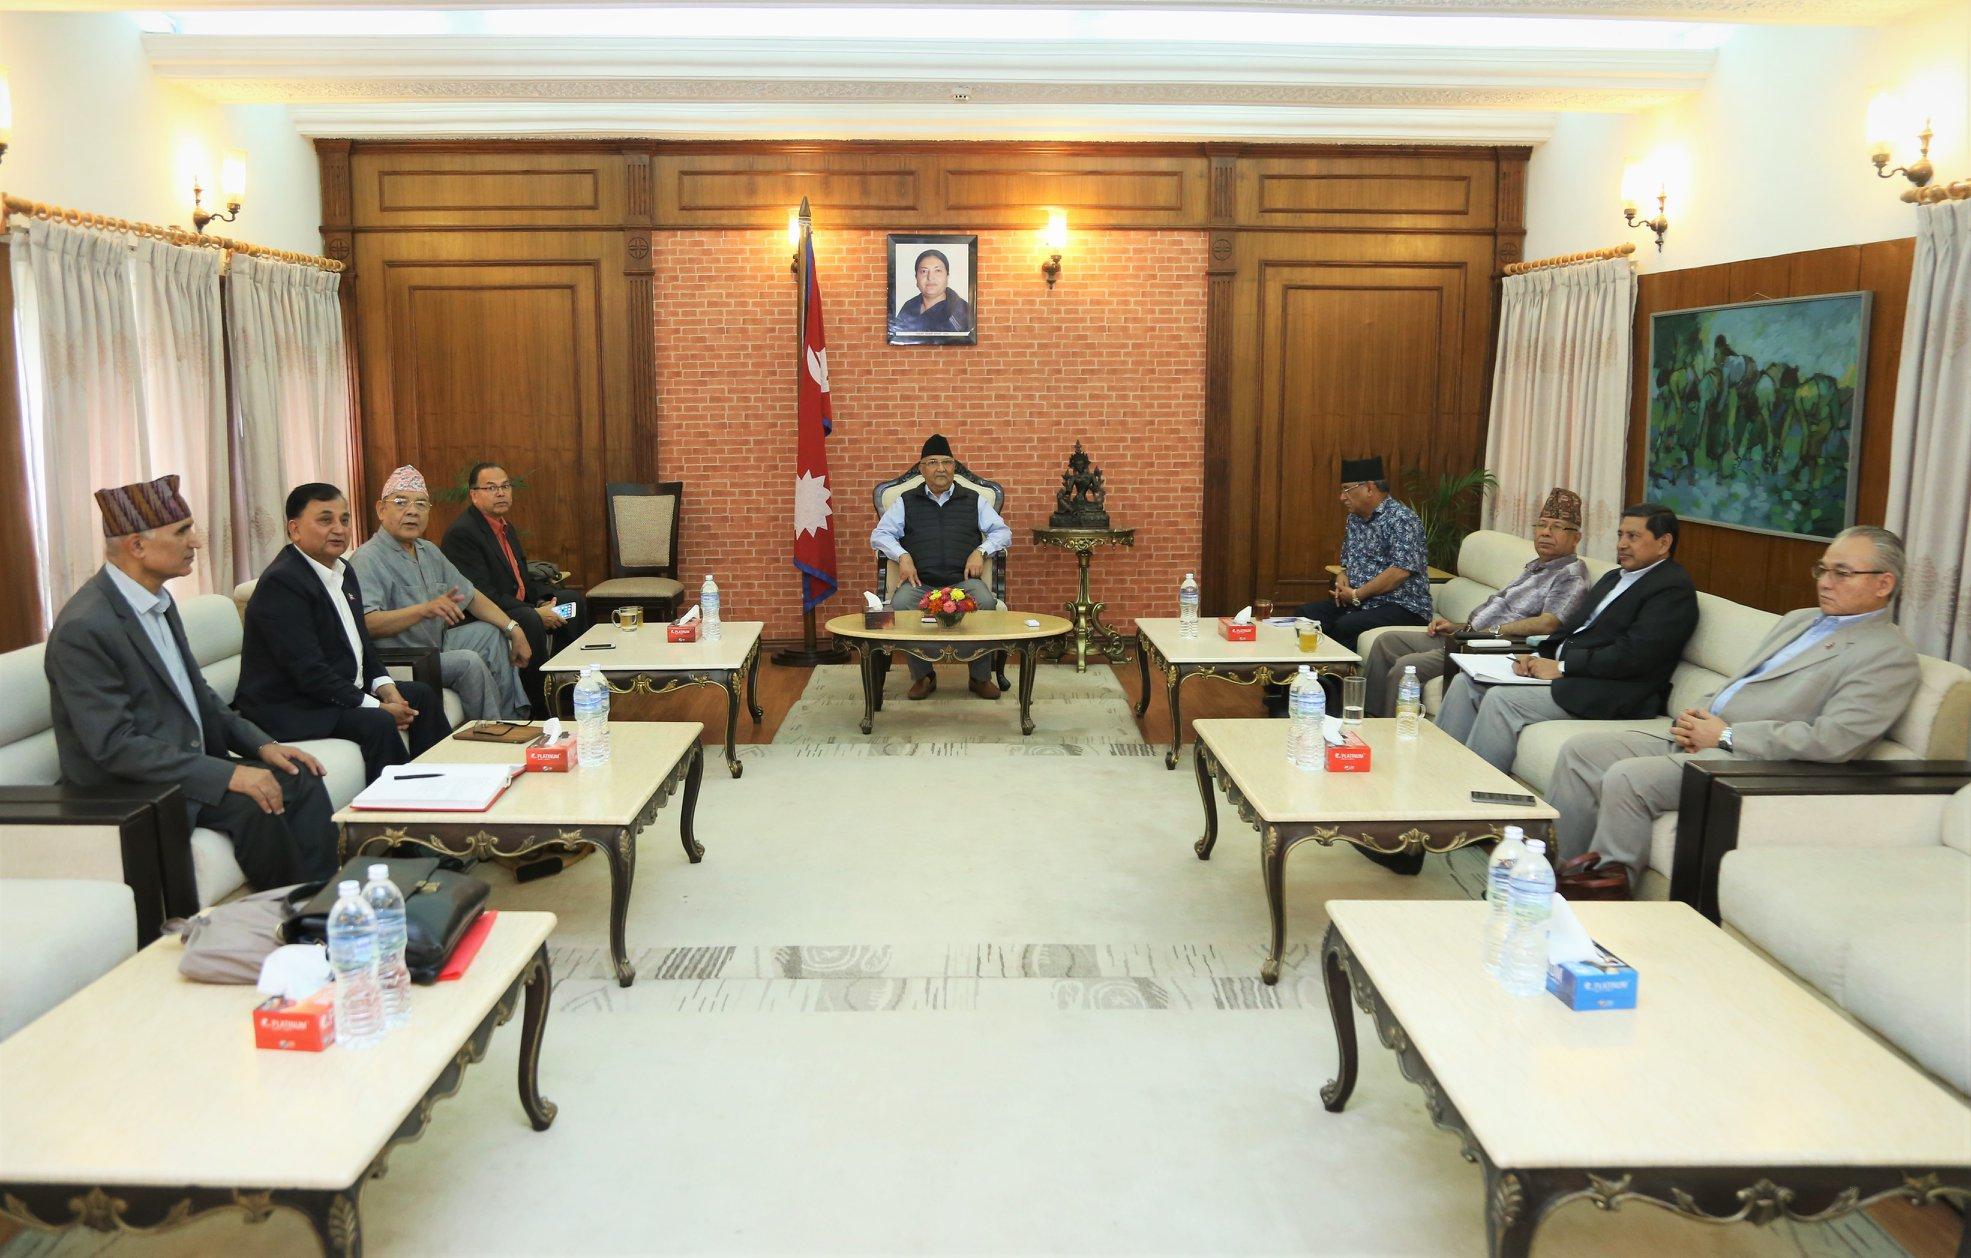 सभामुख महरालाई सांसद पदसमेत नरहनेगरी राजीनामा दिन सचिवालयको निर्देशन